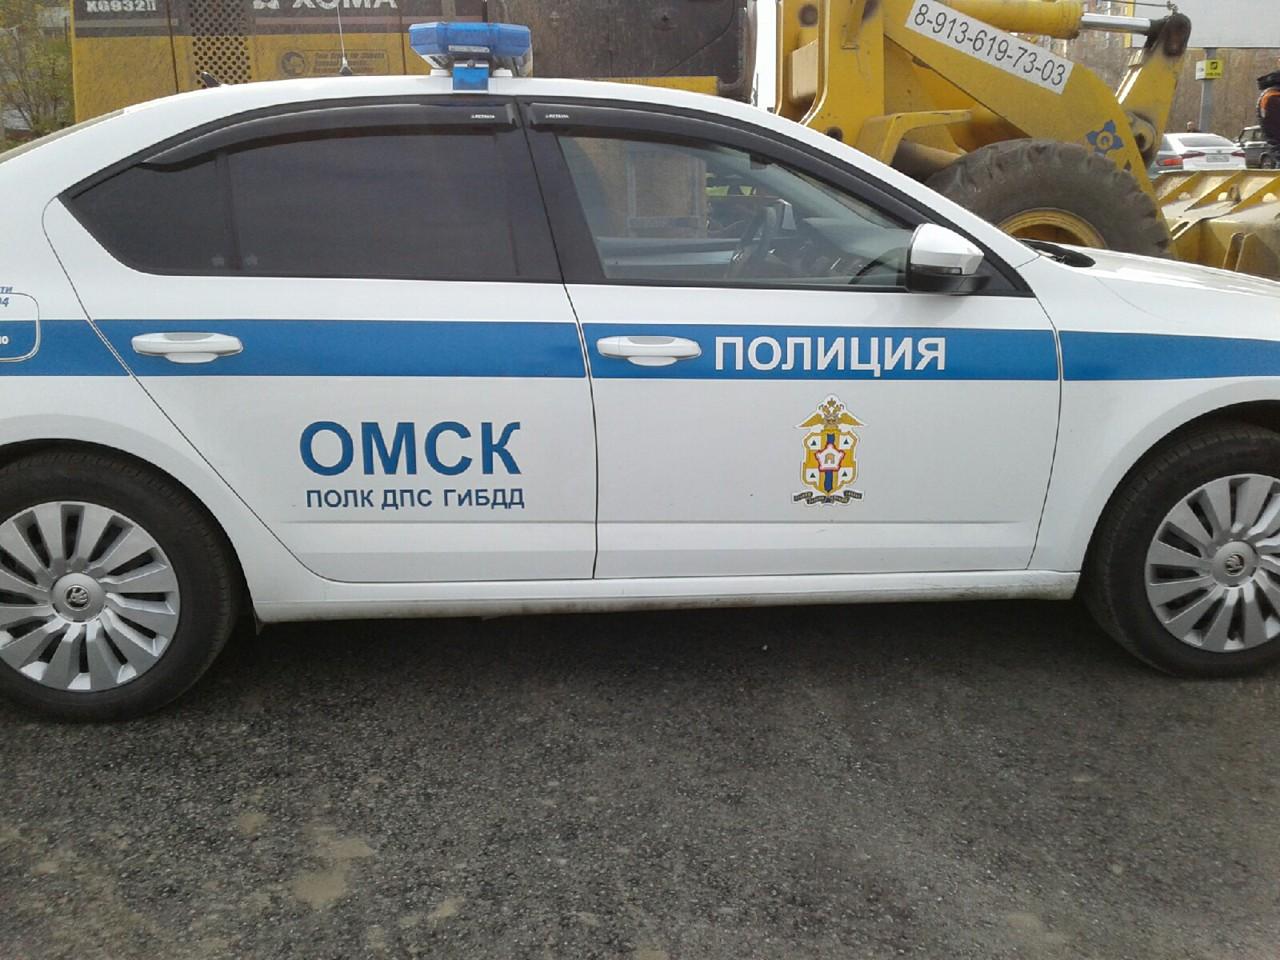 Омич чуть не угробил двоих детей, поворачивая с правой полосы #Омск #Общество #Сегодня